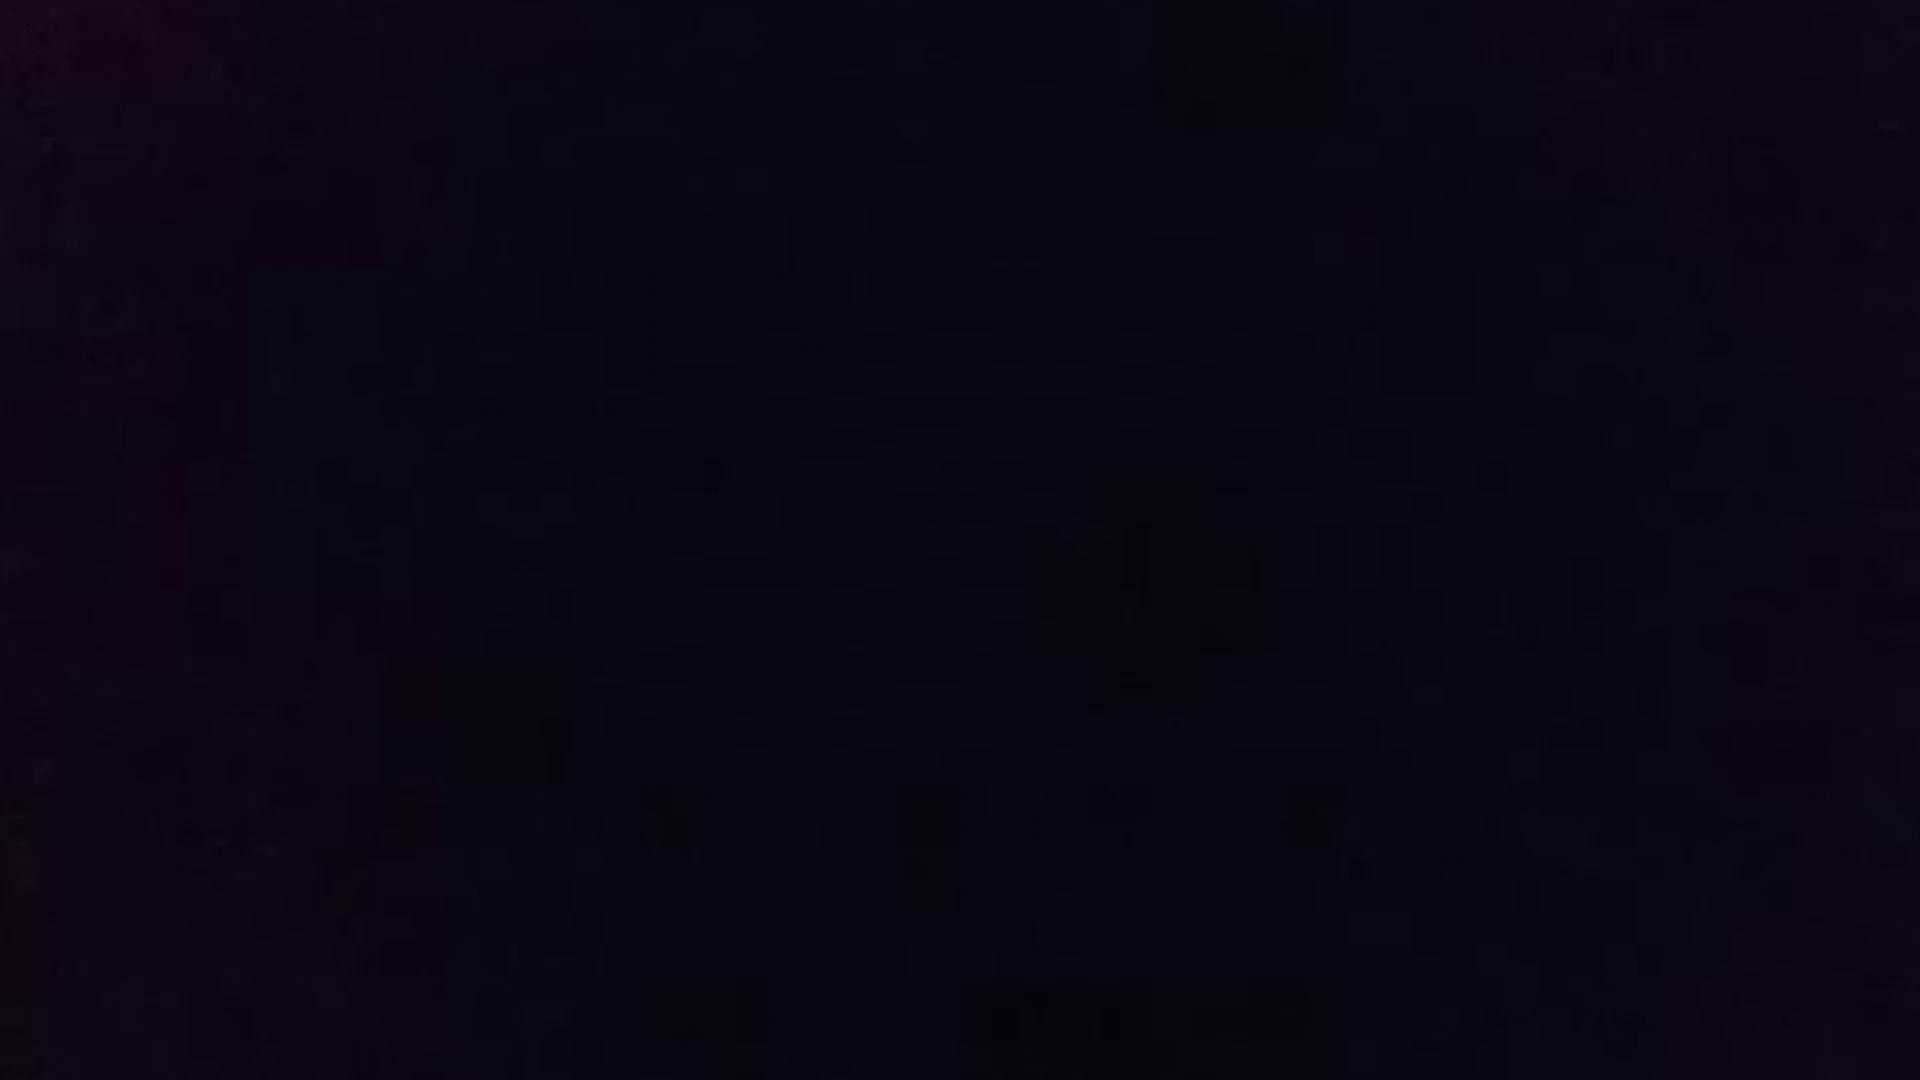 ~厳選!素人イケメン~俺のオナニズムⅢVol.08 人気シリーズ | オナニー  10枚 4